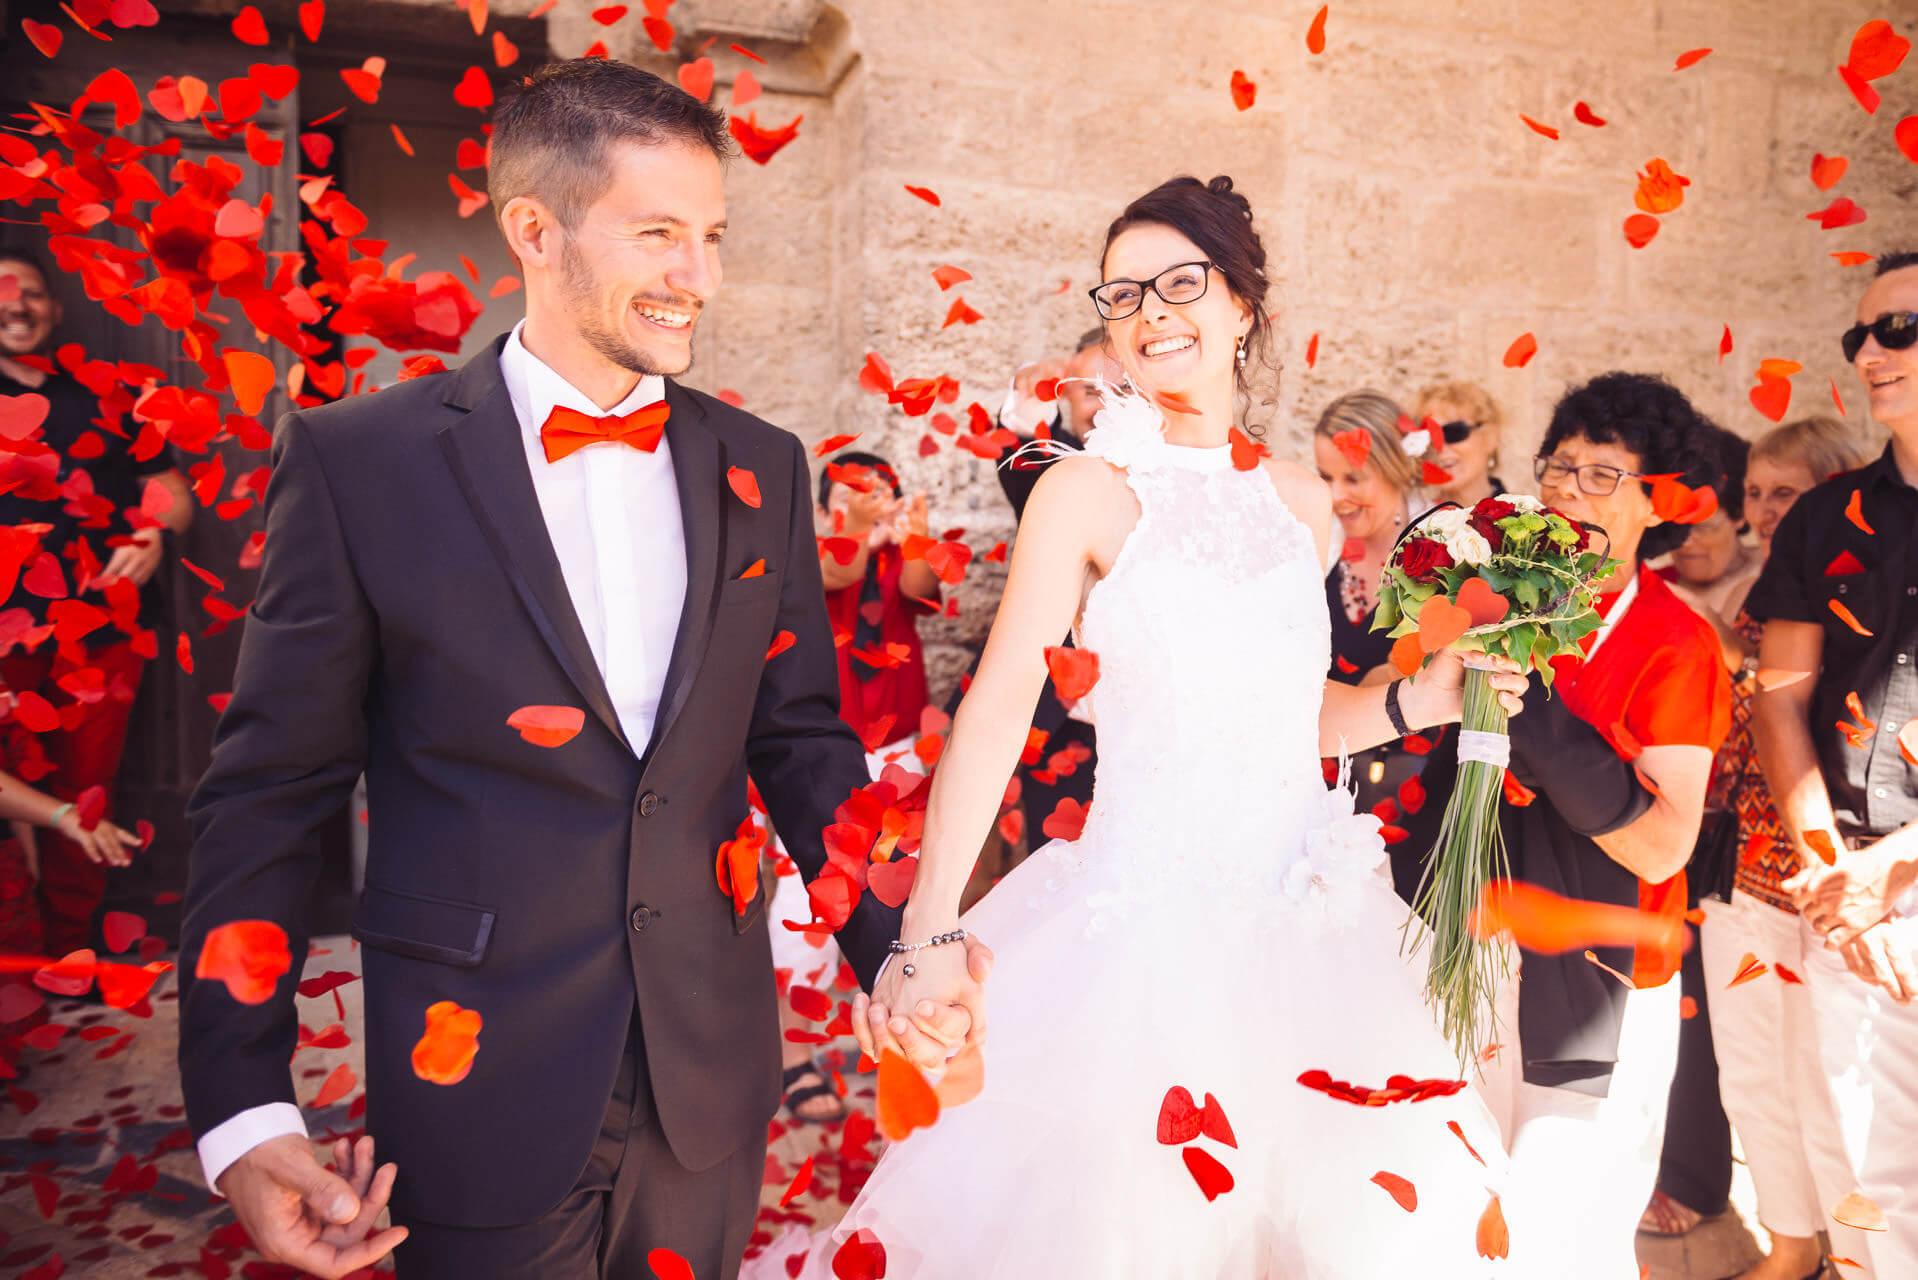 Photographe de mariage originale - Studio Graou à Caux 34720 dans l'Hérault